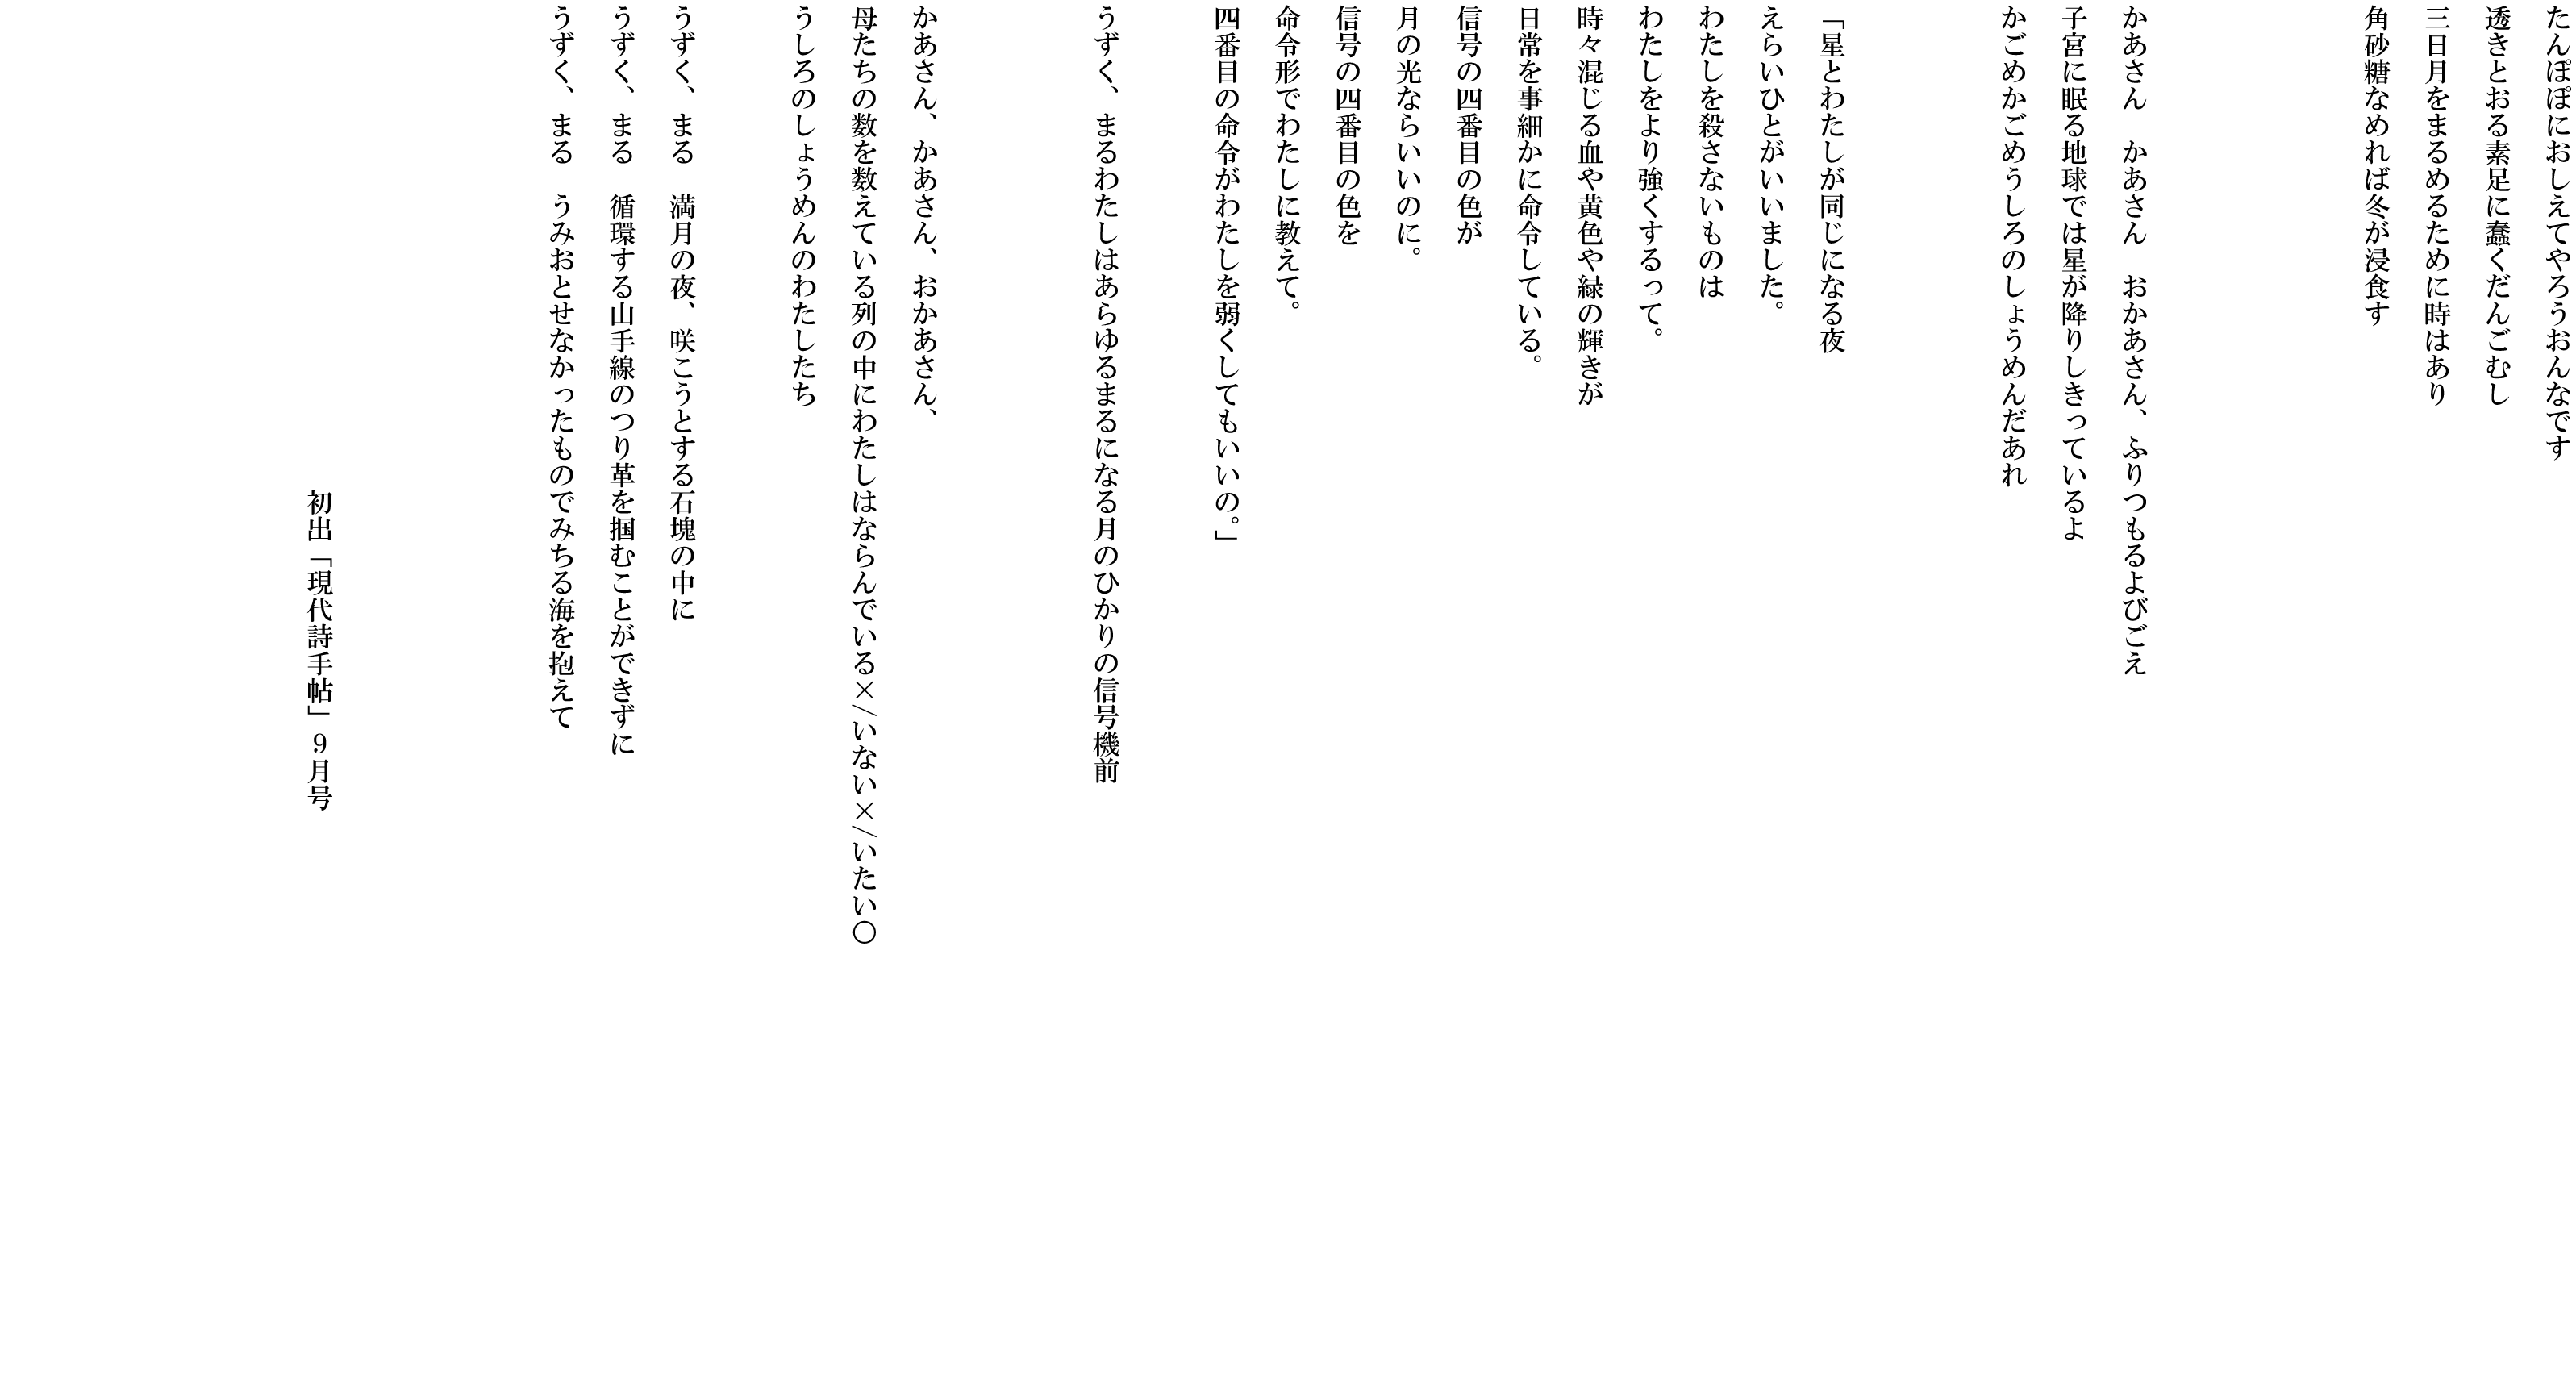 詩歌トライアスロン うず、くまる修正140118-2